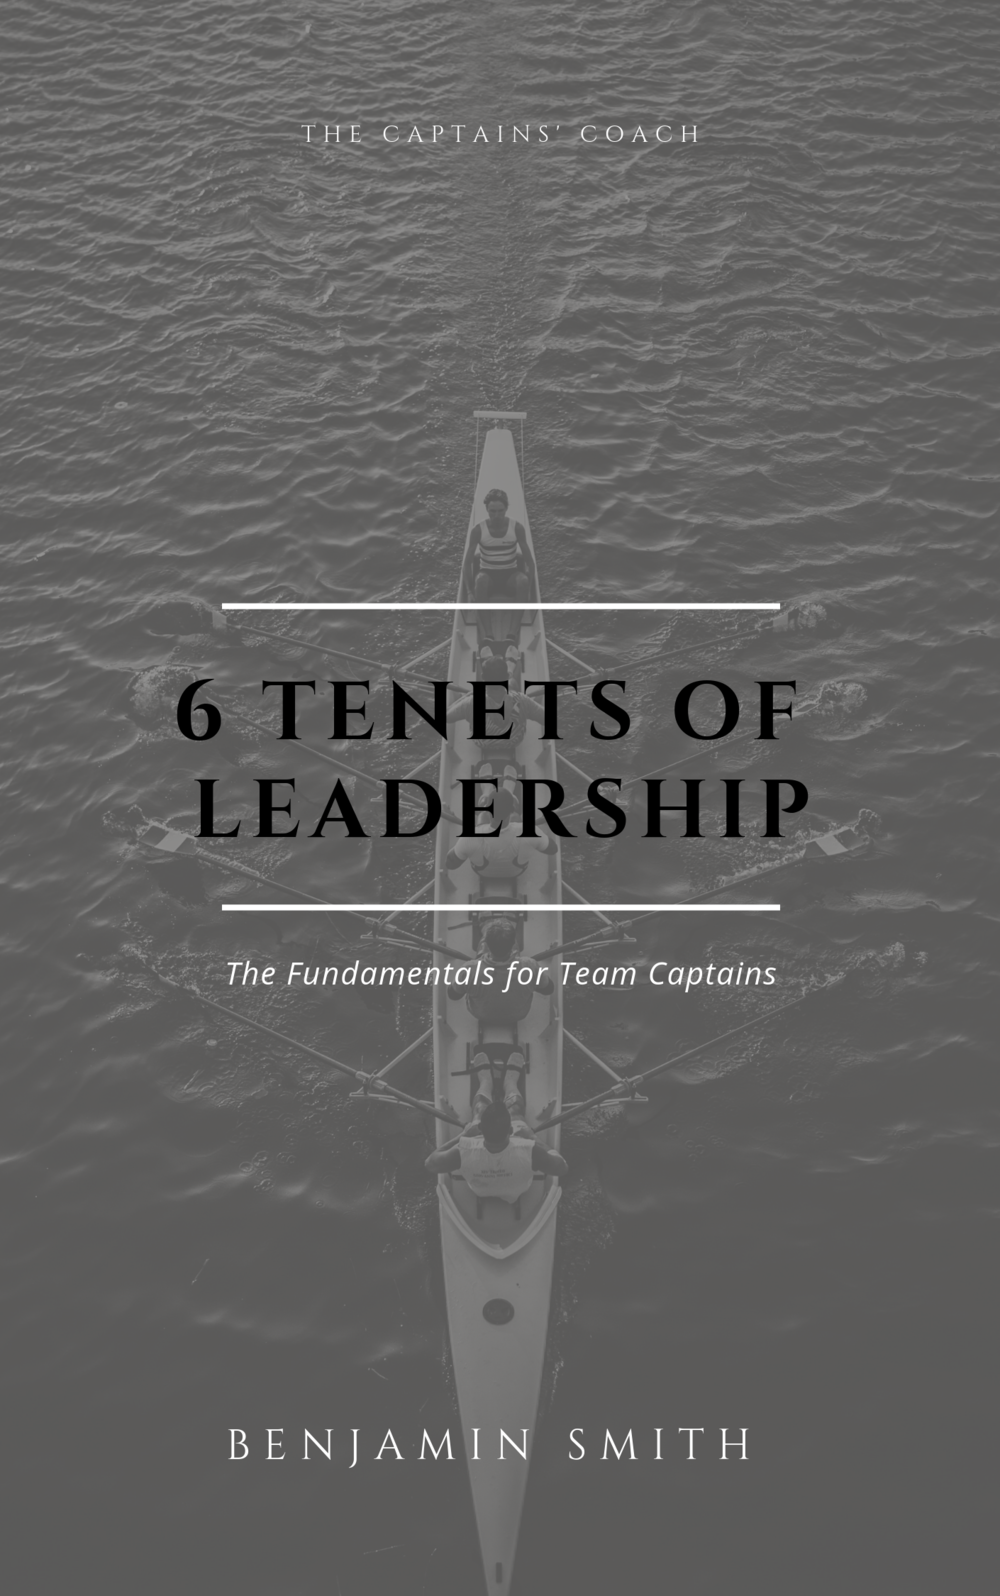 6 Tenets of leadership.png